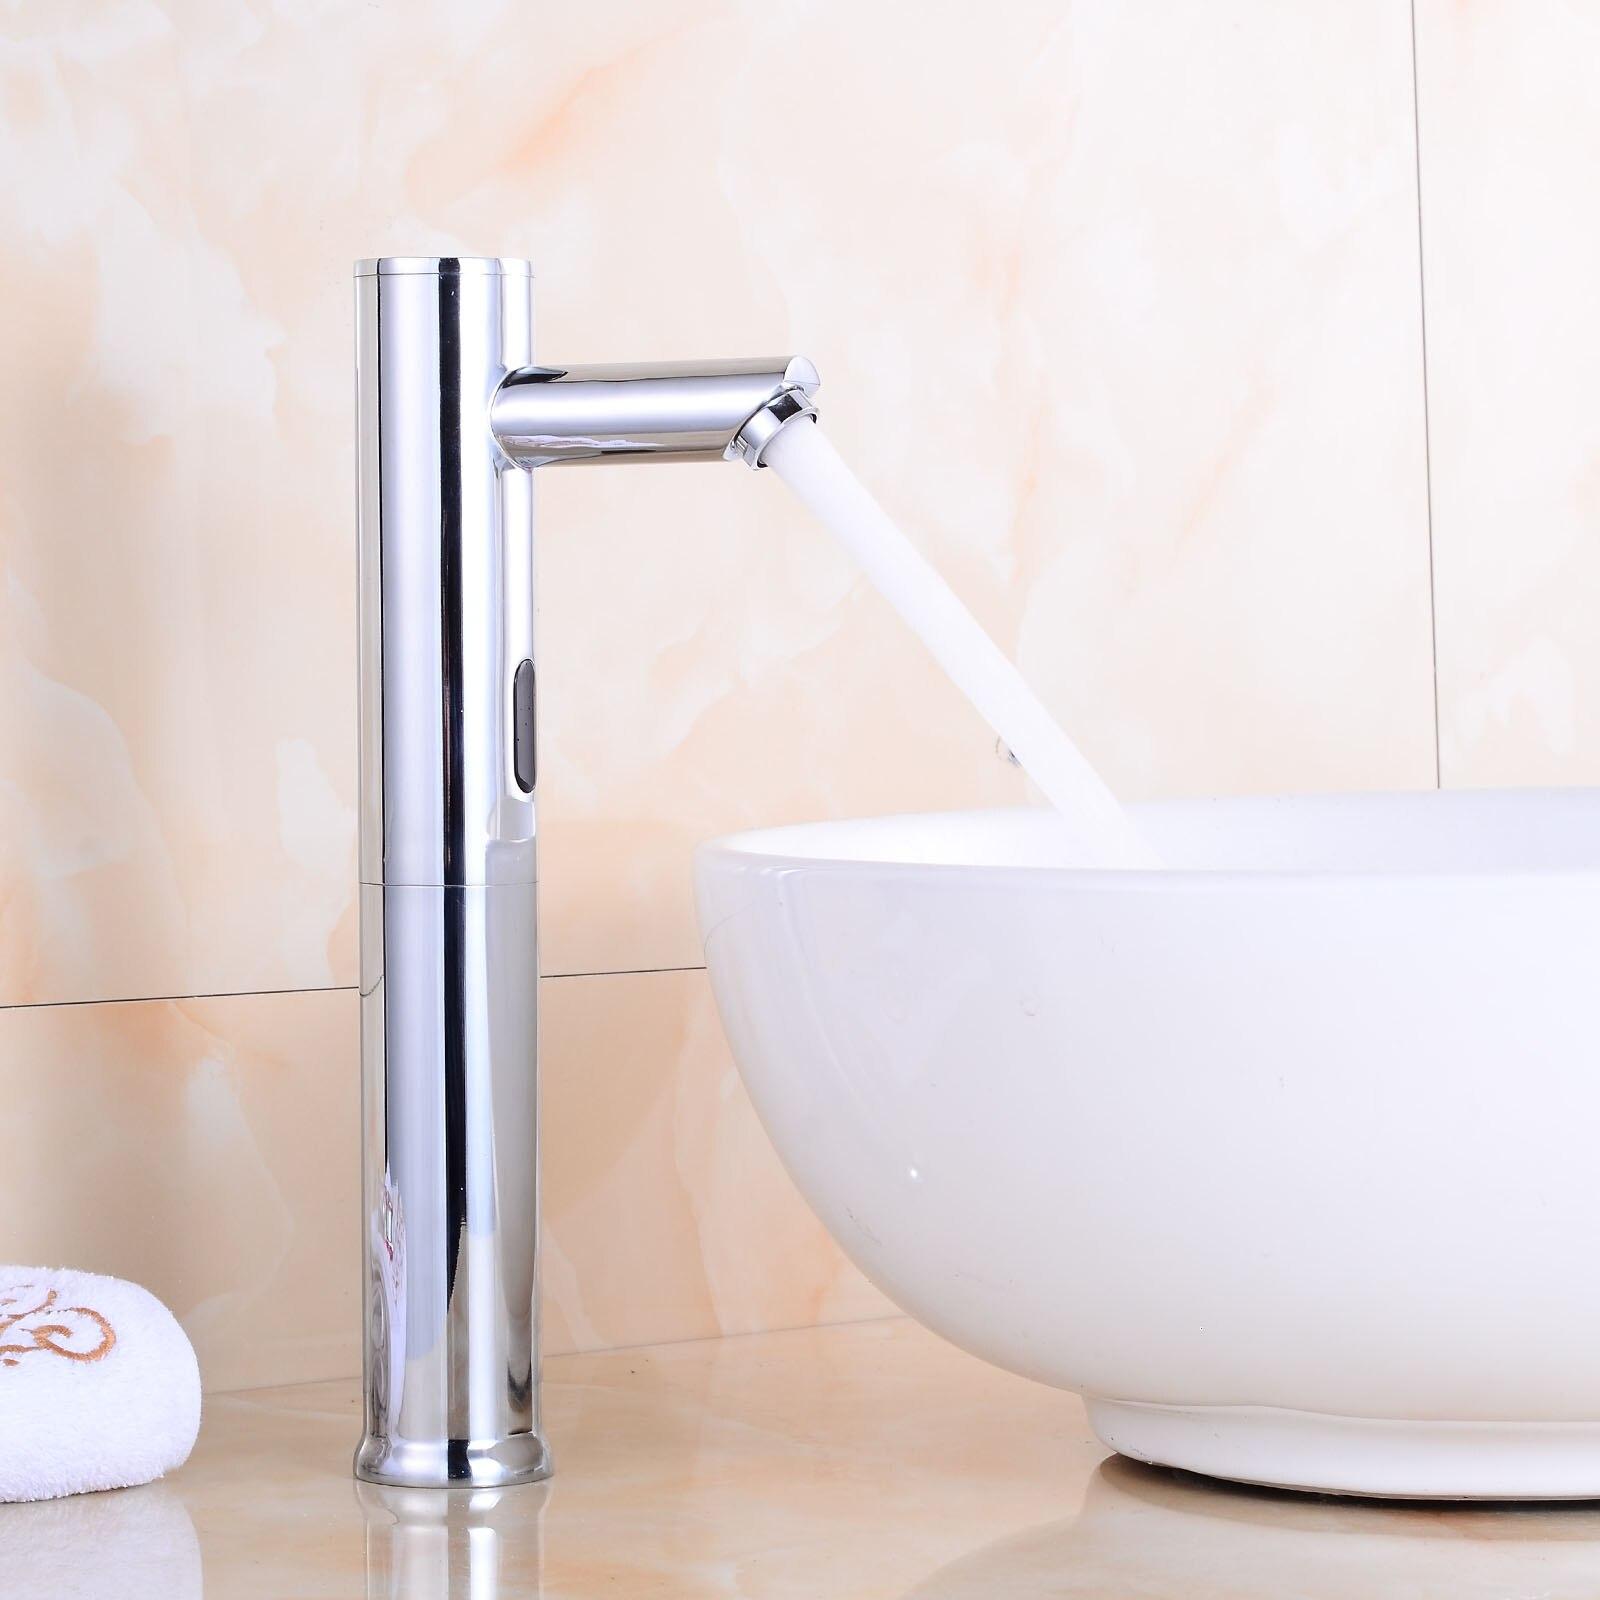 vergelijk prijzen op sensor bathroom faucet online winkelen